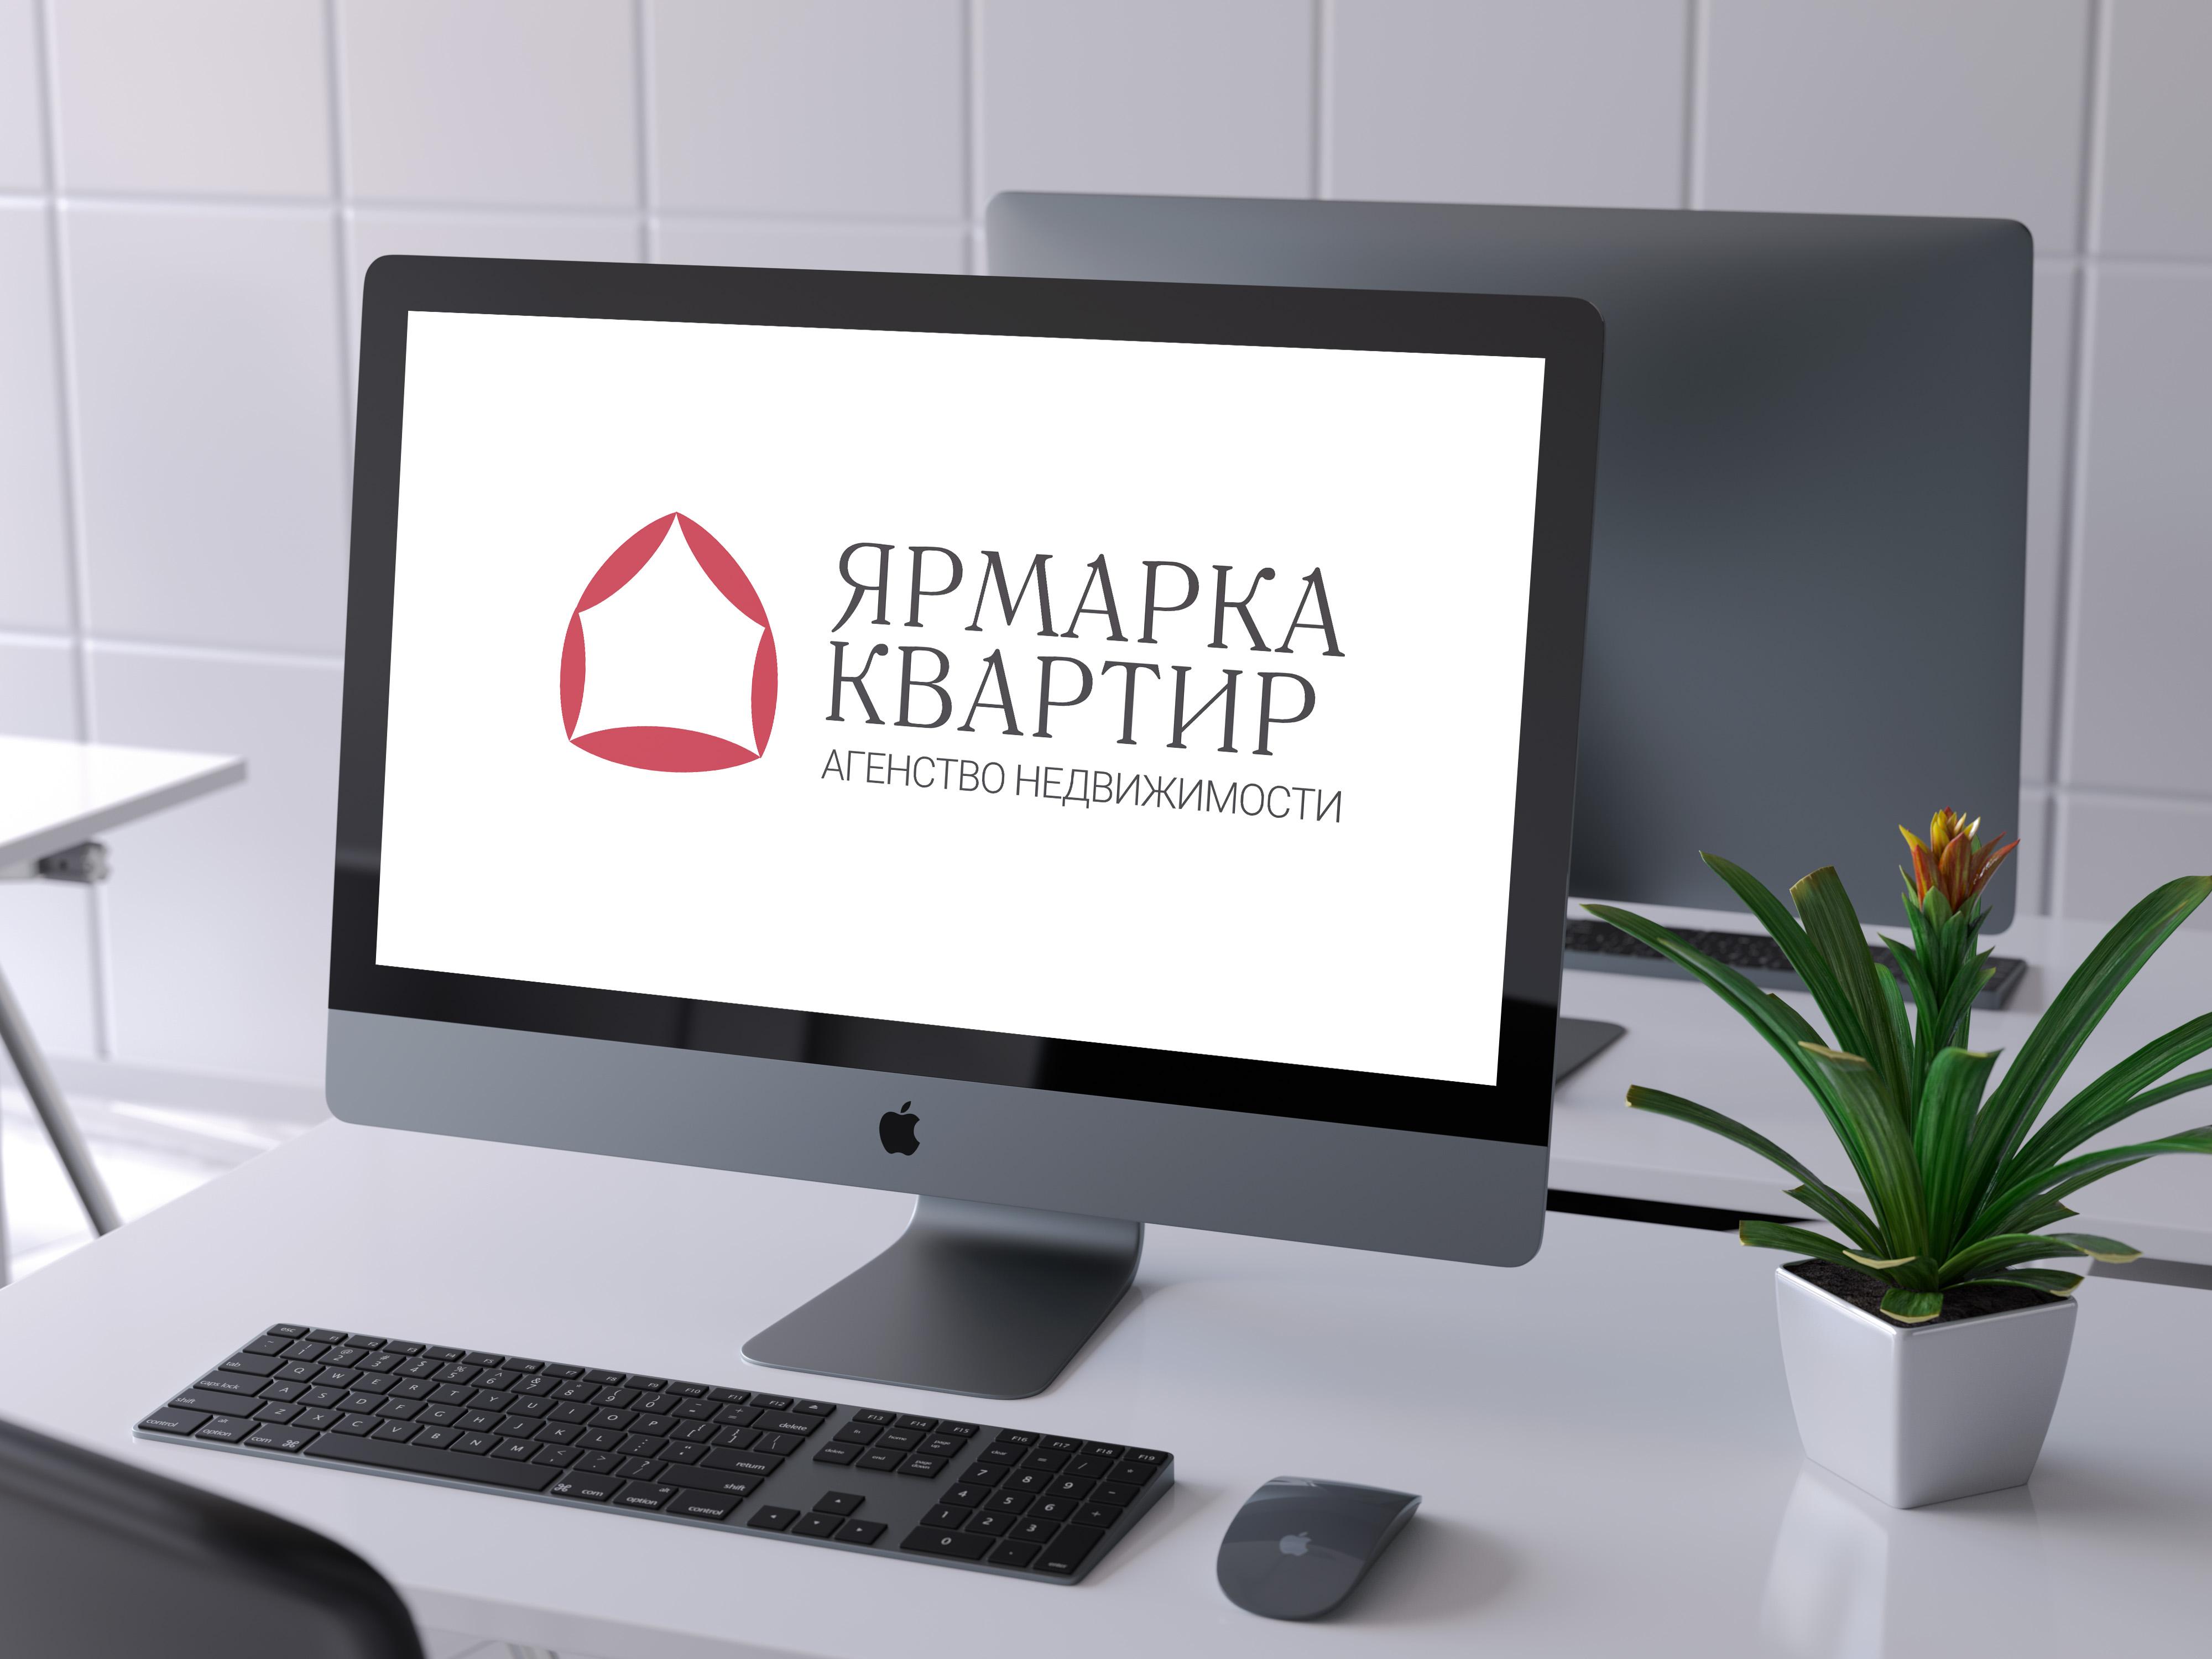 Создание логотипа, с вариантами для визитки и листовки фото f_0056004c2095d266.jpg